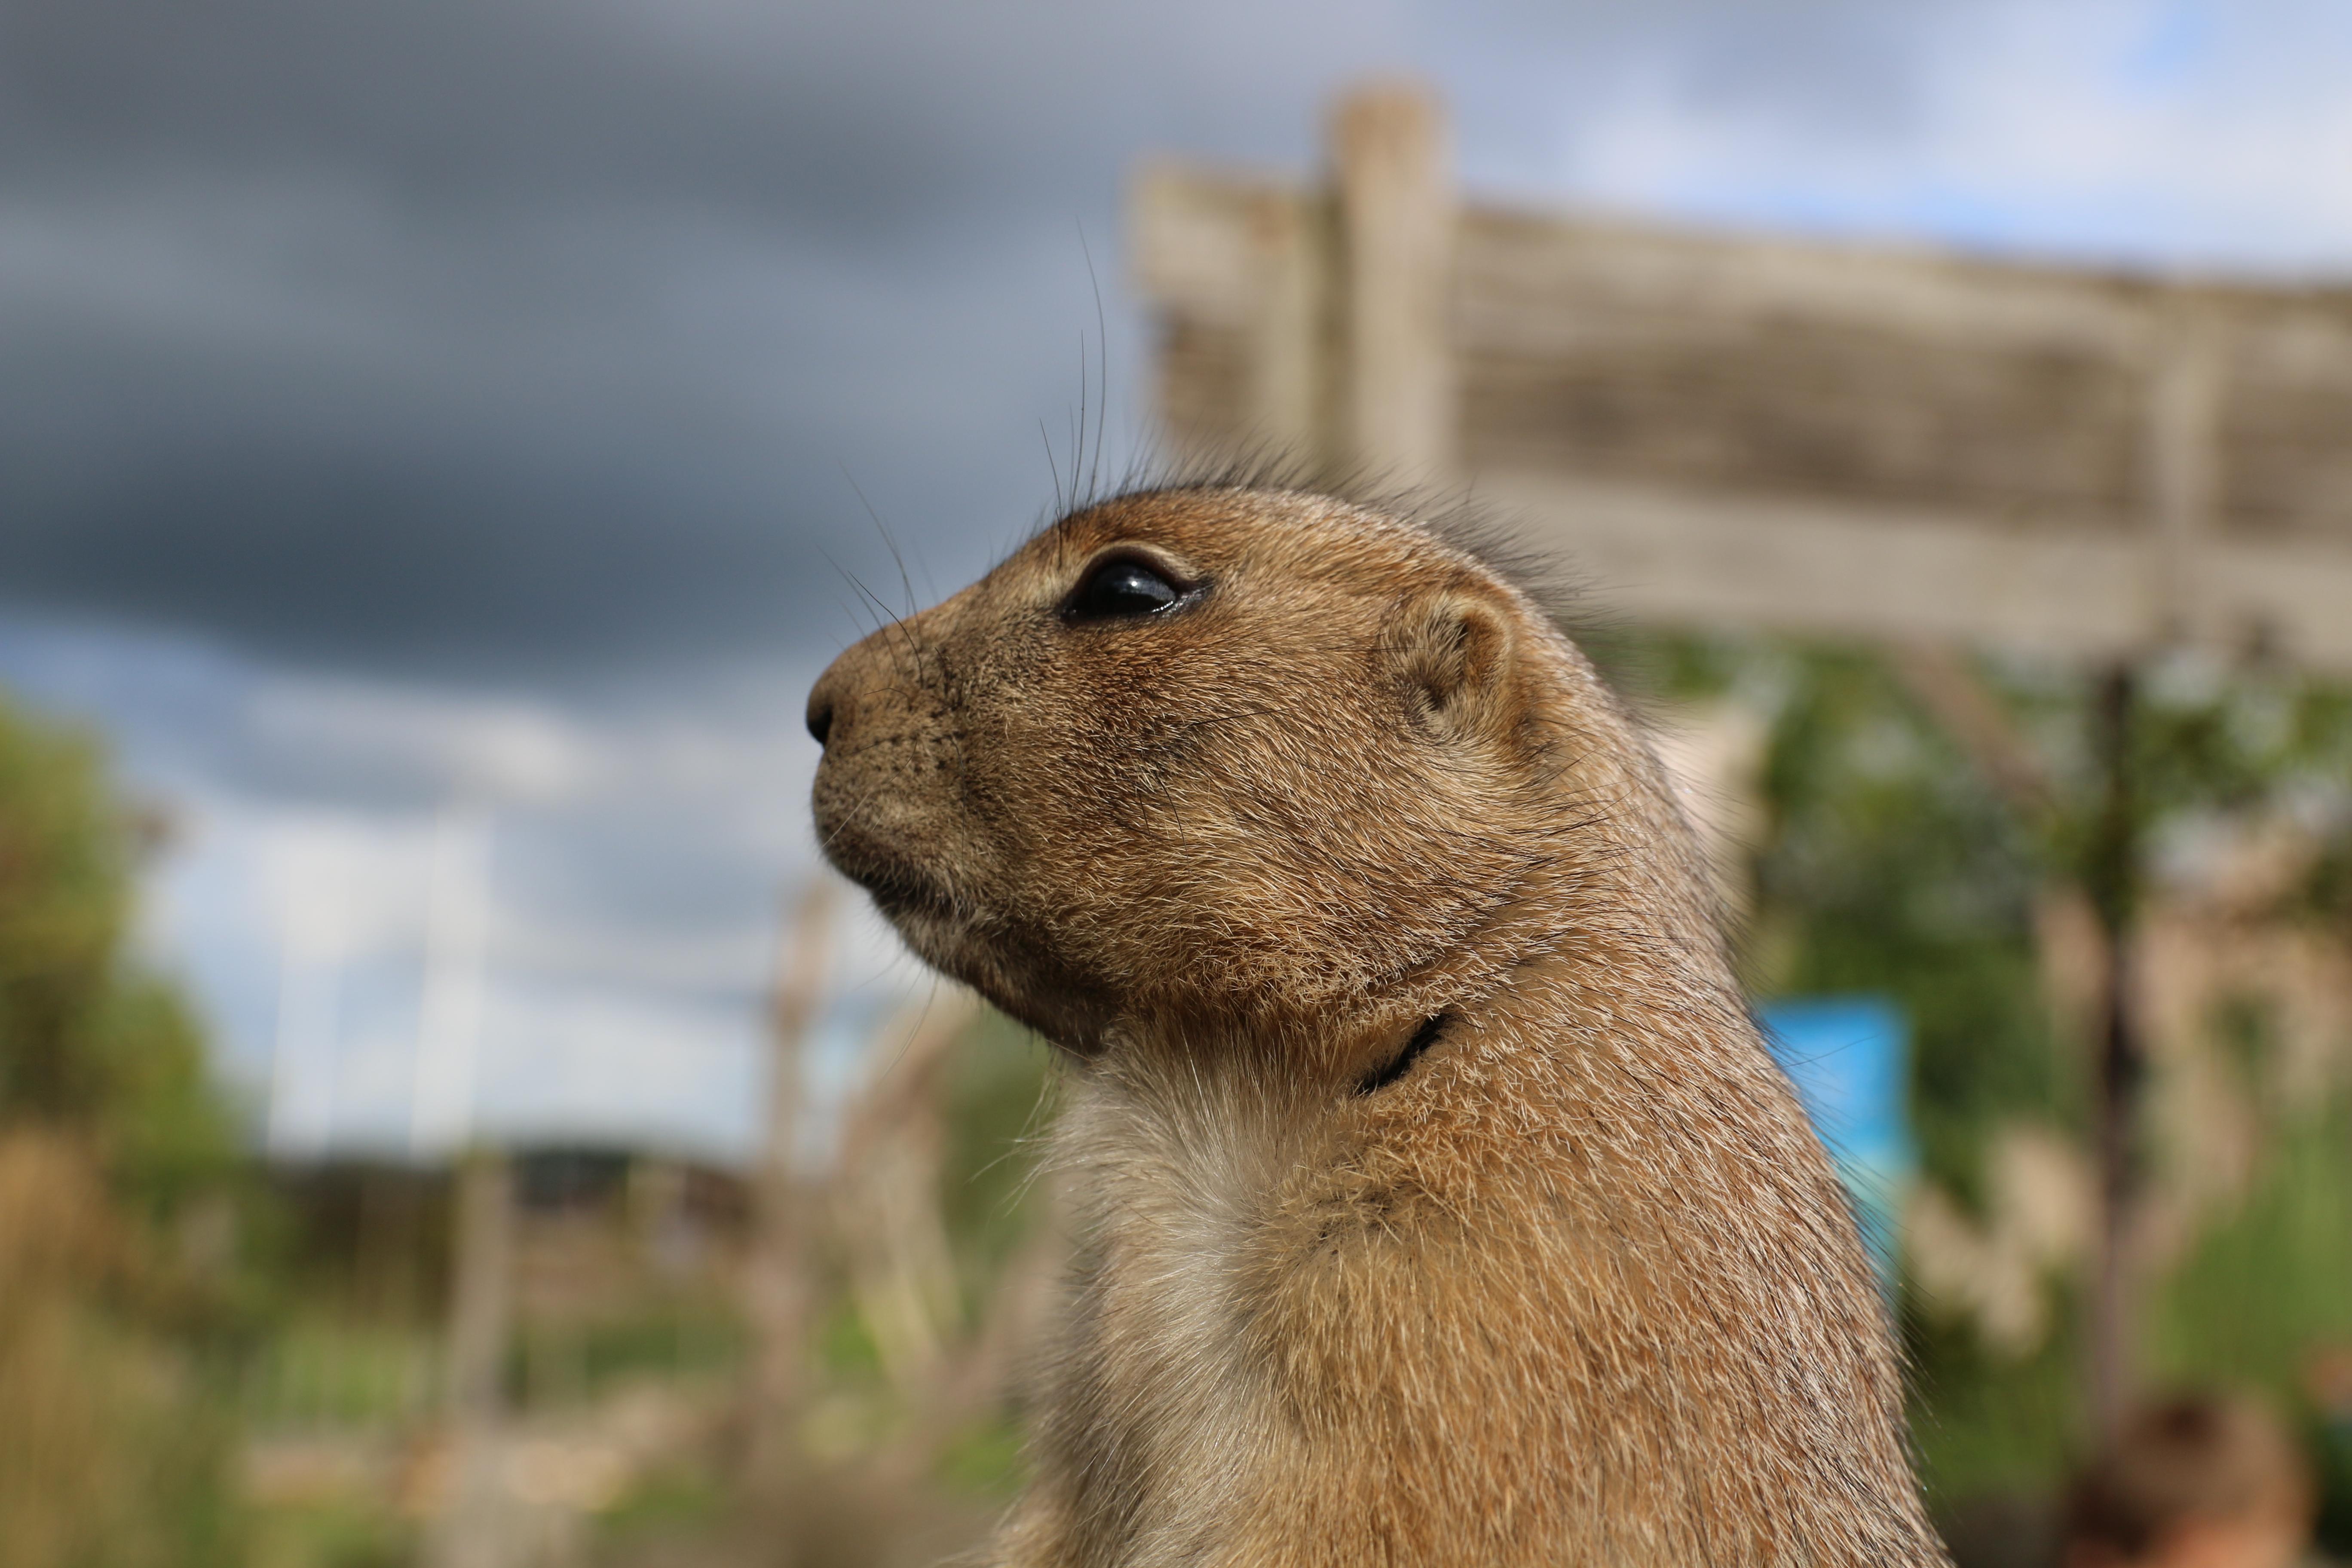 Fotografie in de dierentuin, een stokstaartje in diergaarde Blijdorp, gefotografeerd met Canon 70D